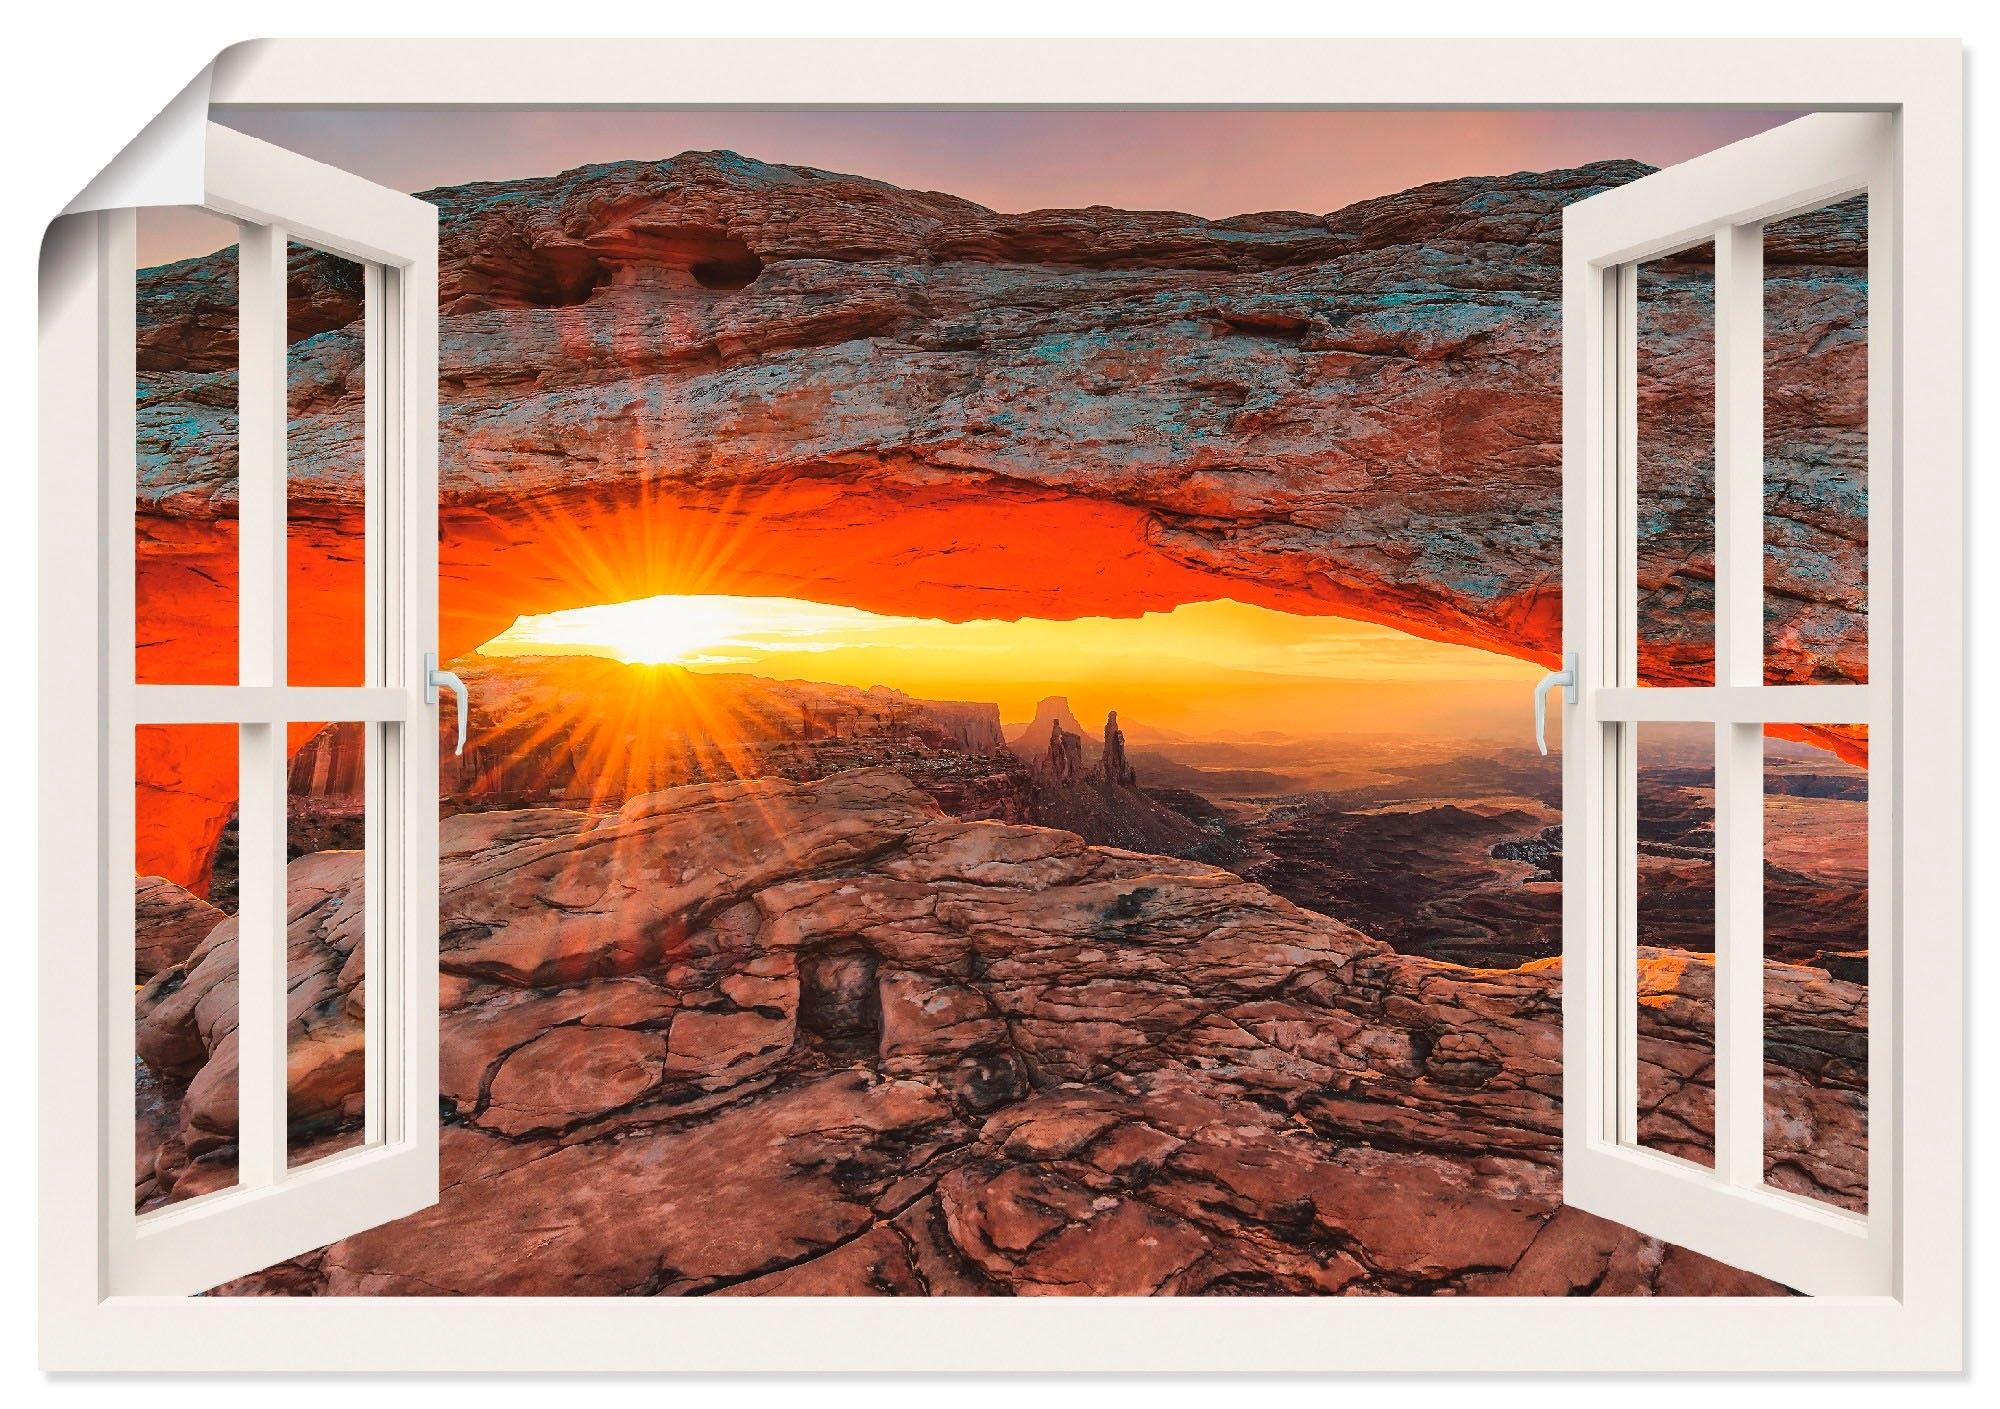 Artland artprint »Fensterblick Iconic Mesa Arch« goedkoop op otto.nl kopen